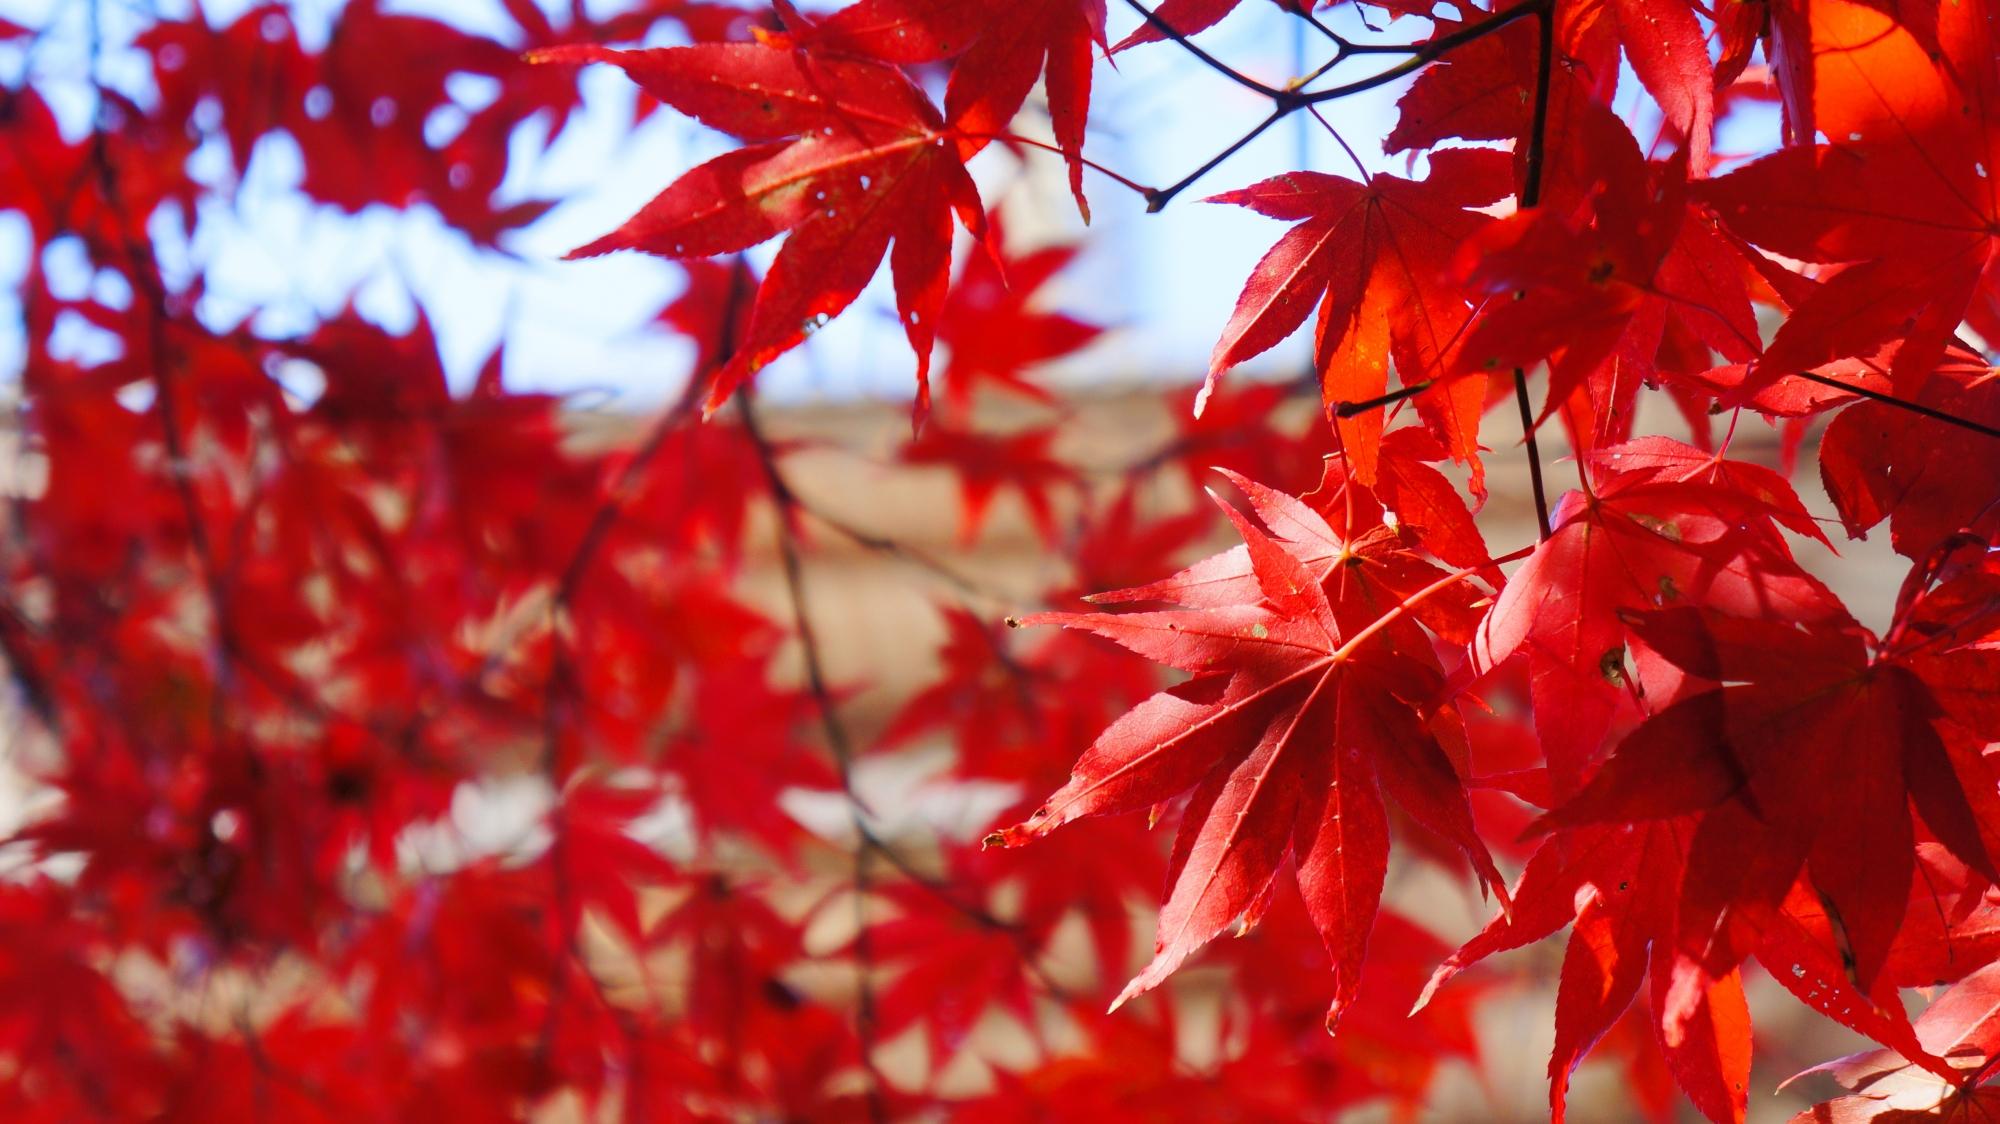 五重塔の下で秋風に揺らめく紅葉